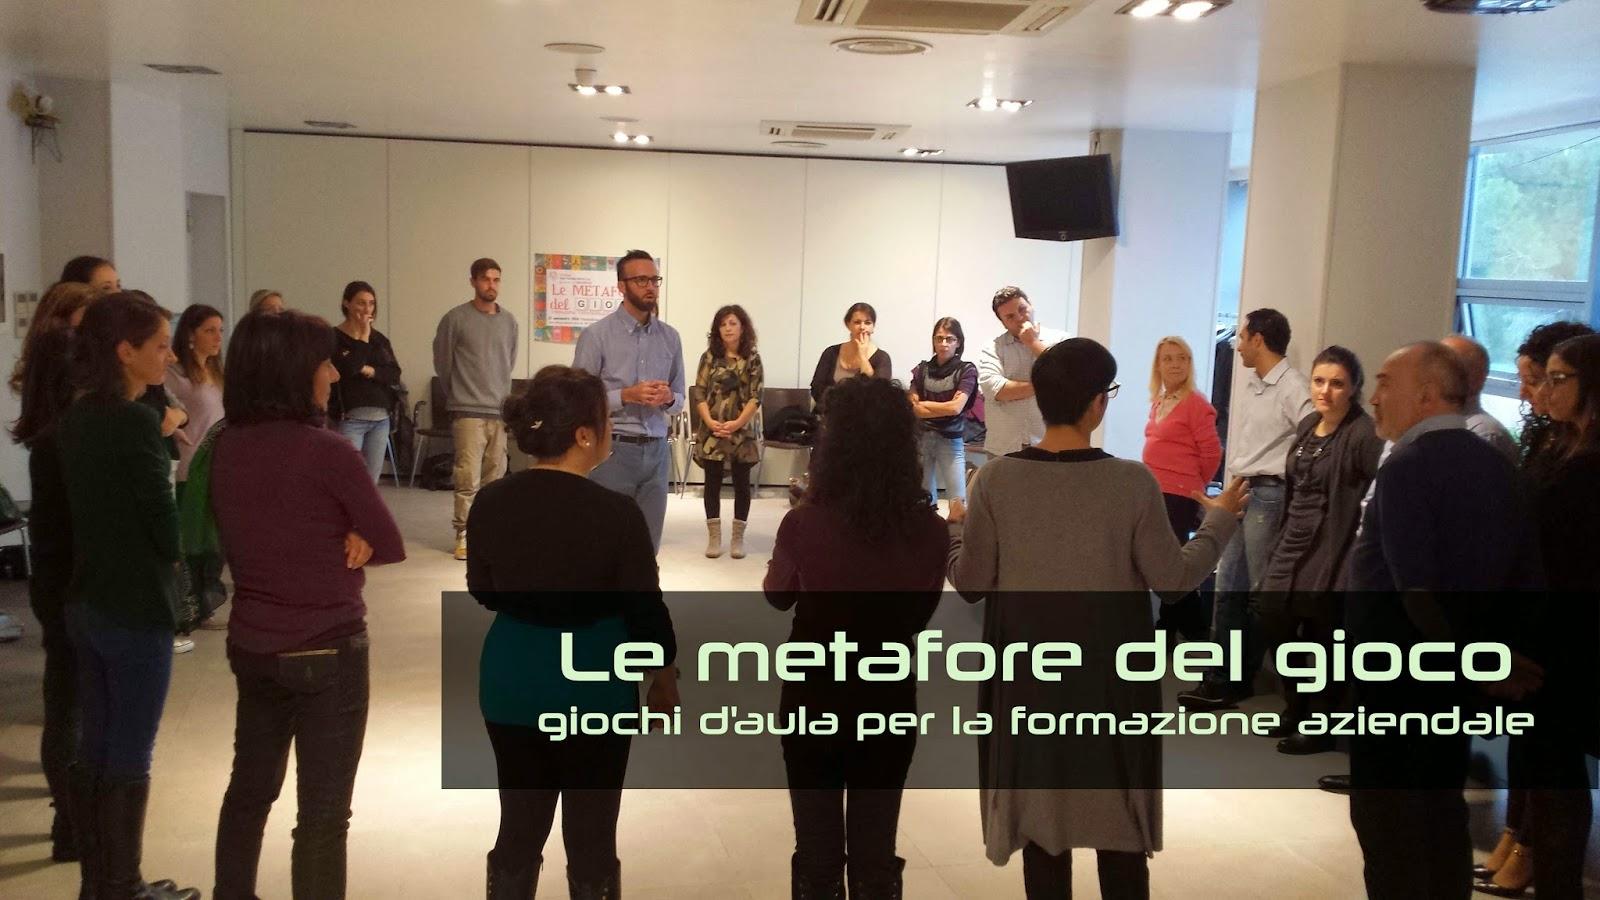 Le metafore del gioco - giochi d'aula per la formazione aziendale con Renata Borgato